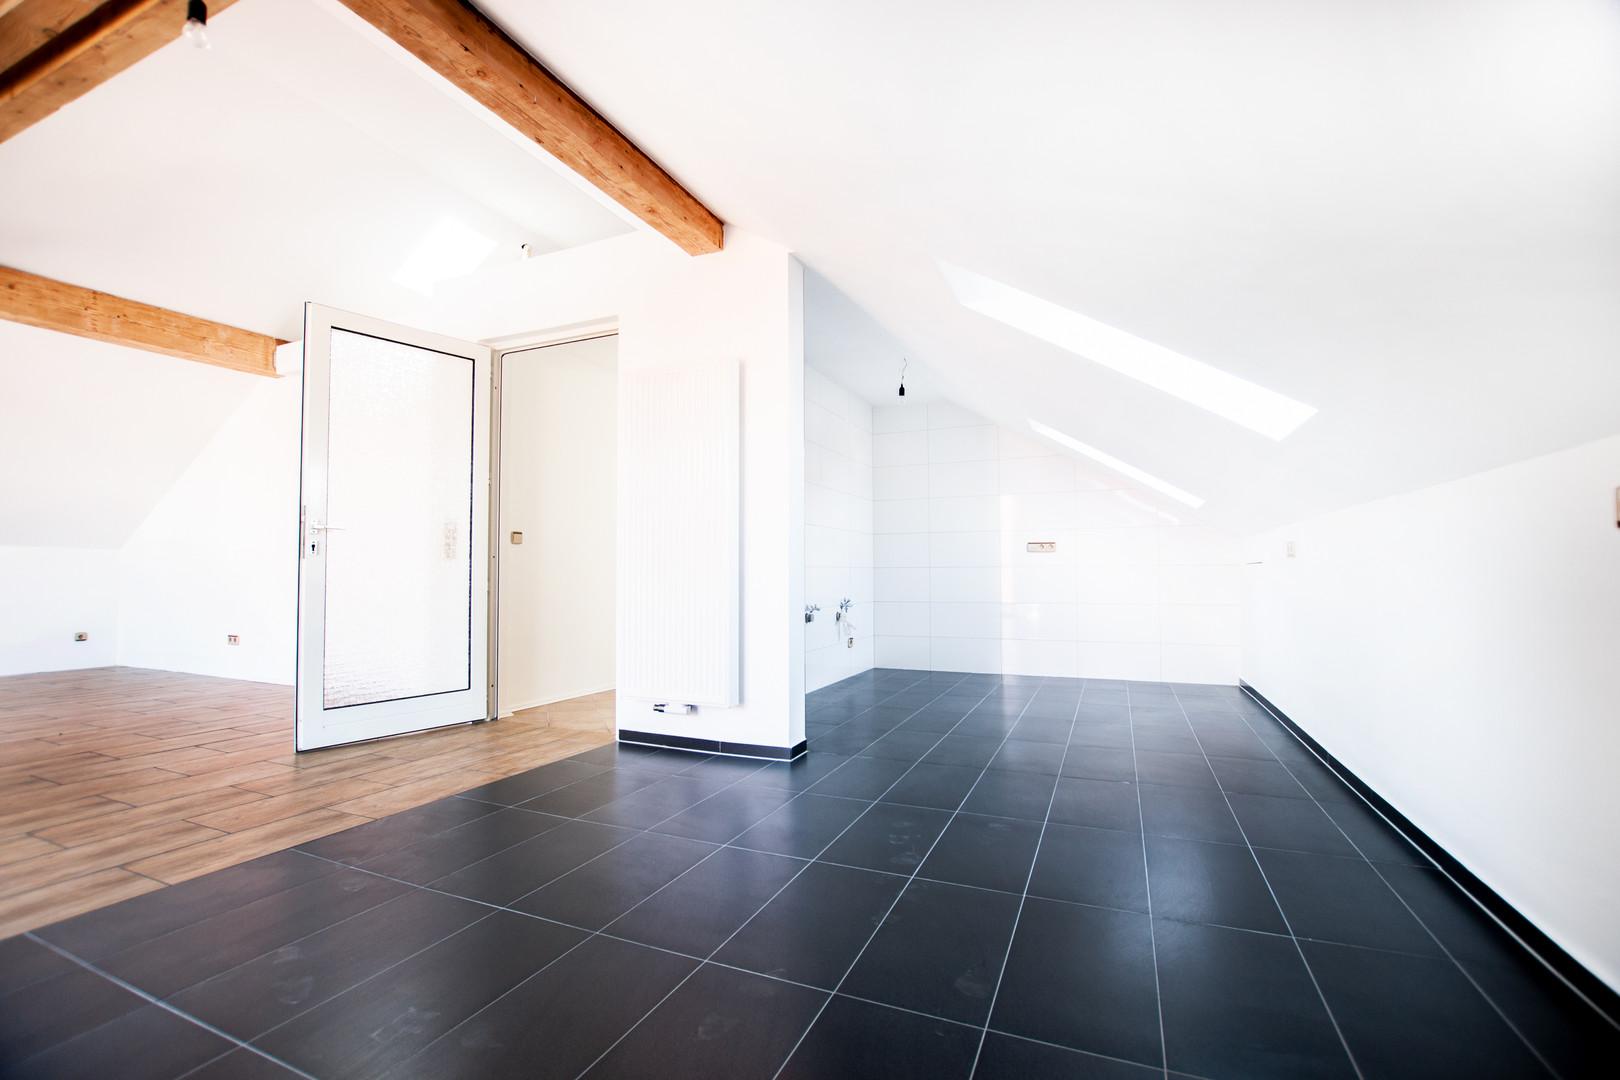 Küche & Essbereichder Wohnung im Dachges